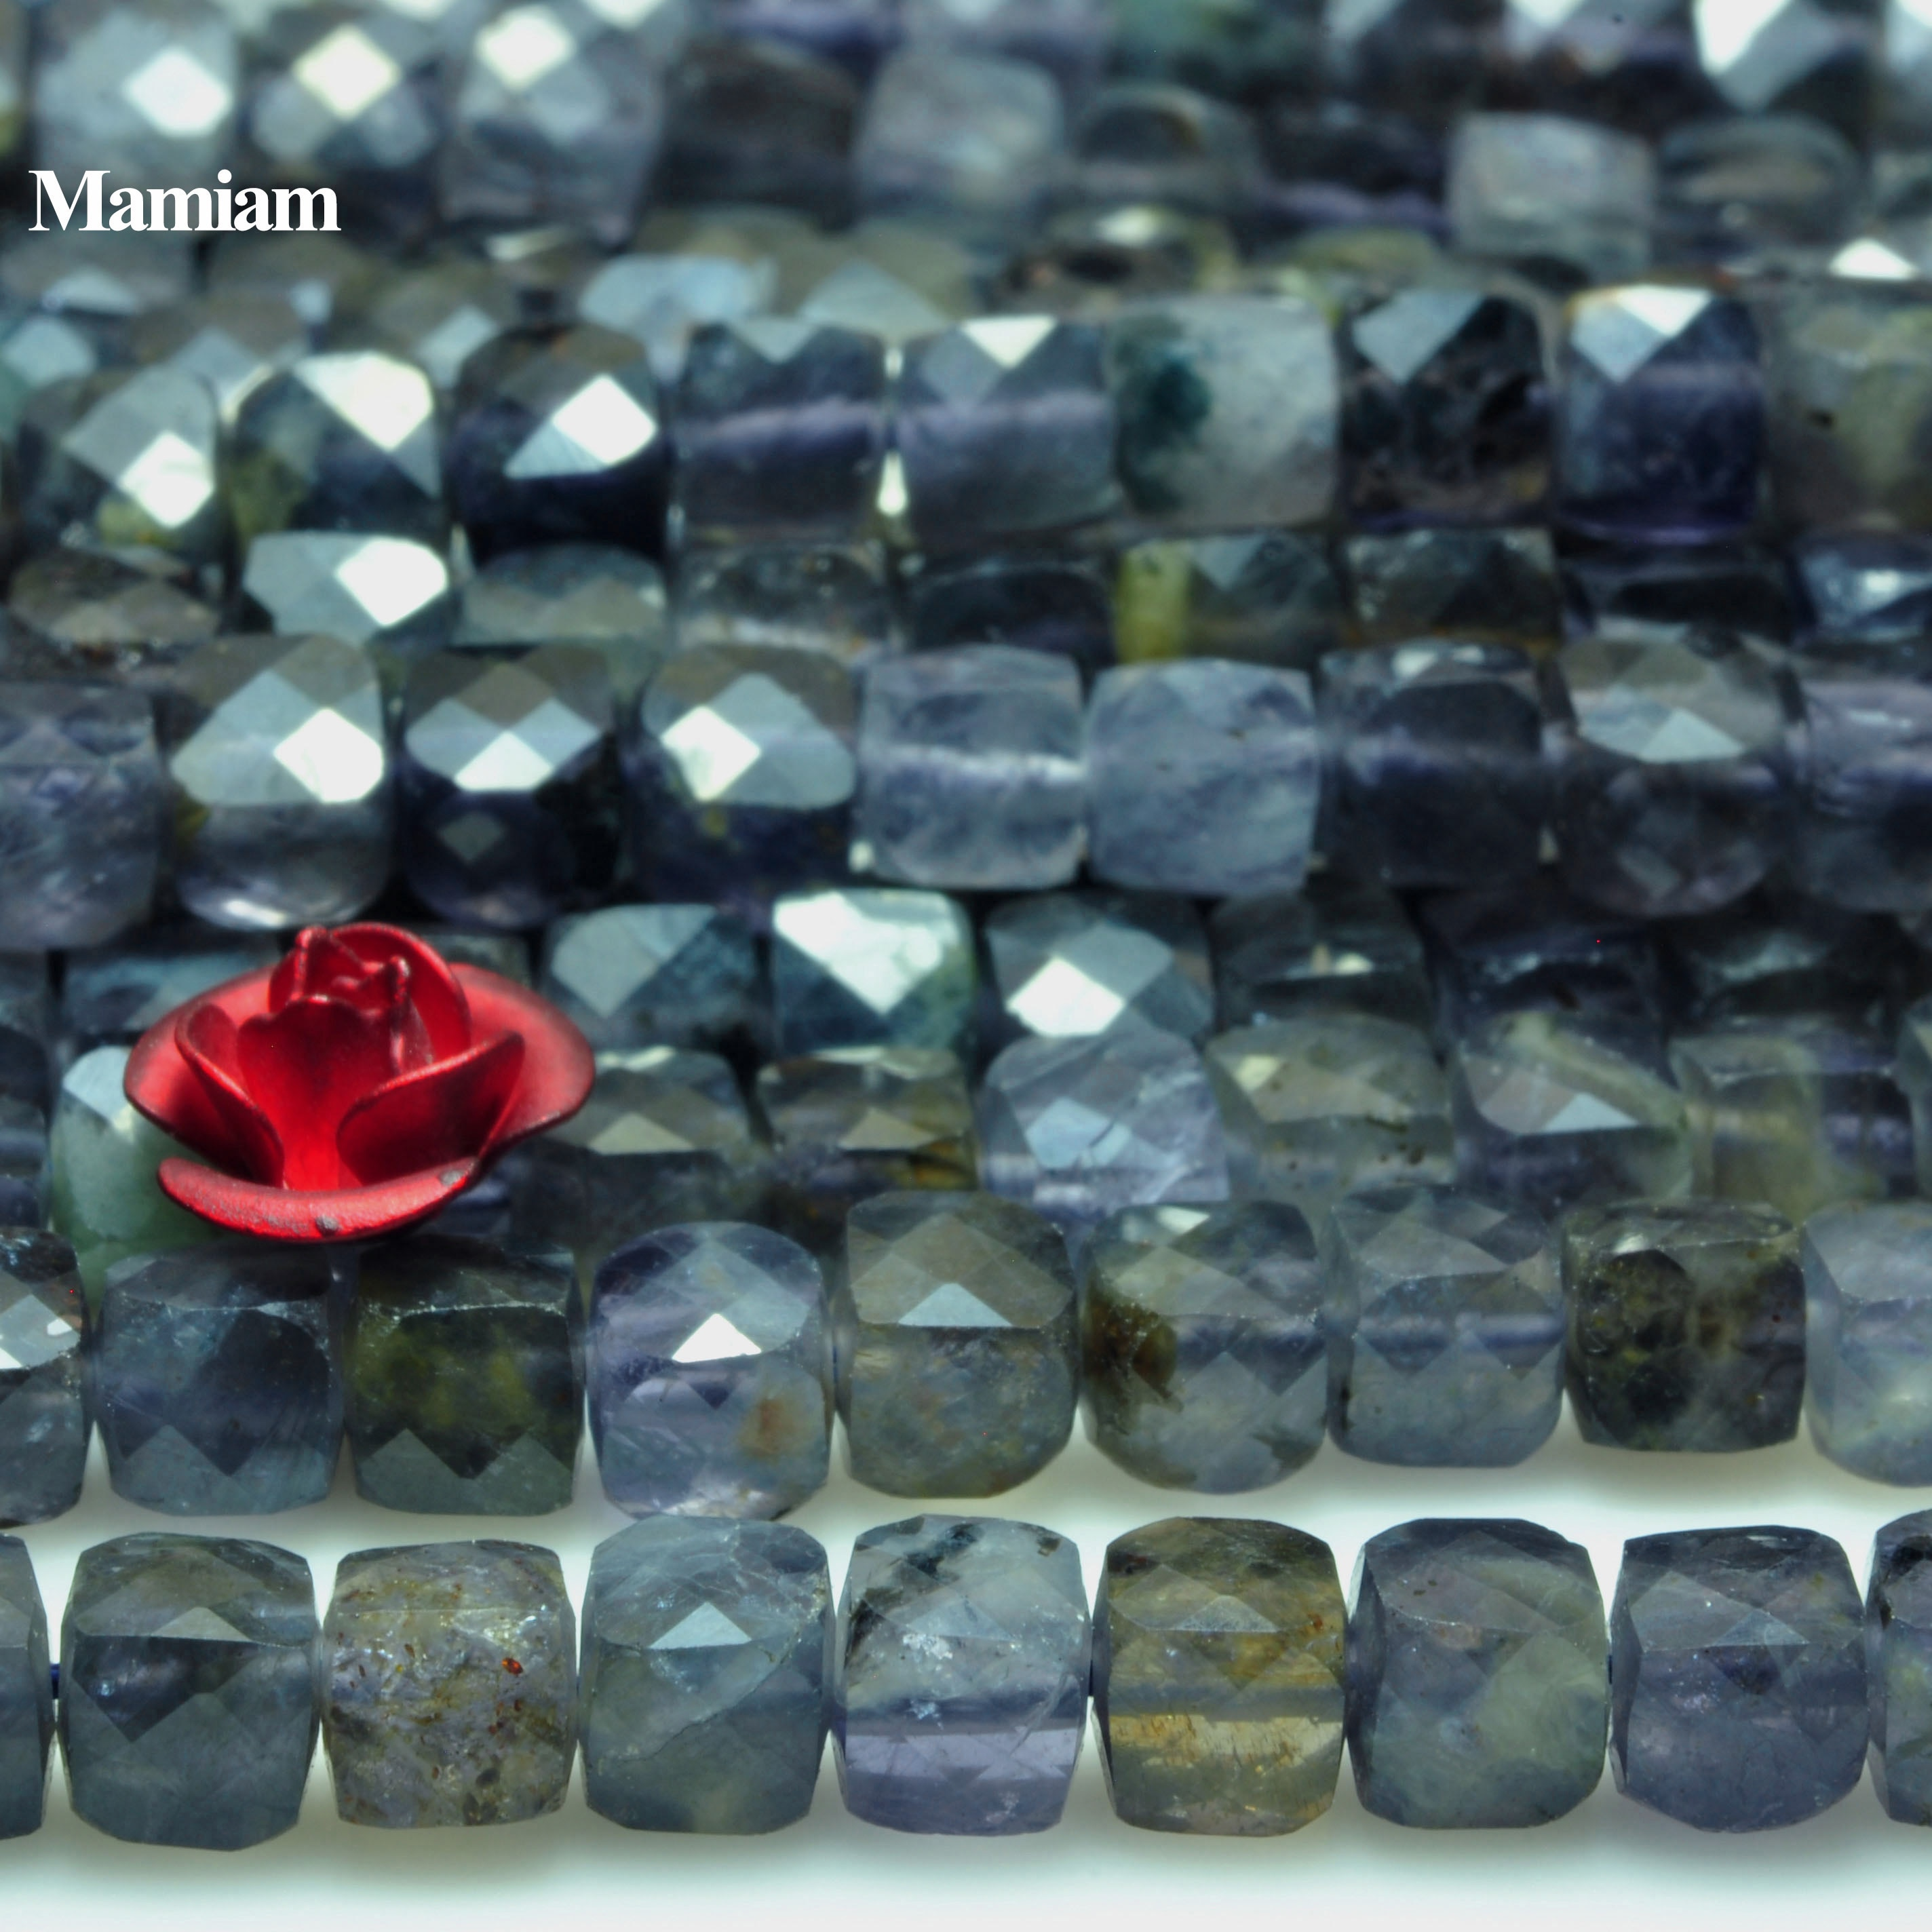 Mamiam الطبيعية Iolite حجر الأوجه ساحة Charms الخرز 4 +-0.2 مللي متر سوار من الأحجار الكريمة قلادة Diy بها بنفسك صنع المجوهرات هدية تصميم